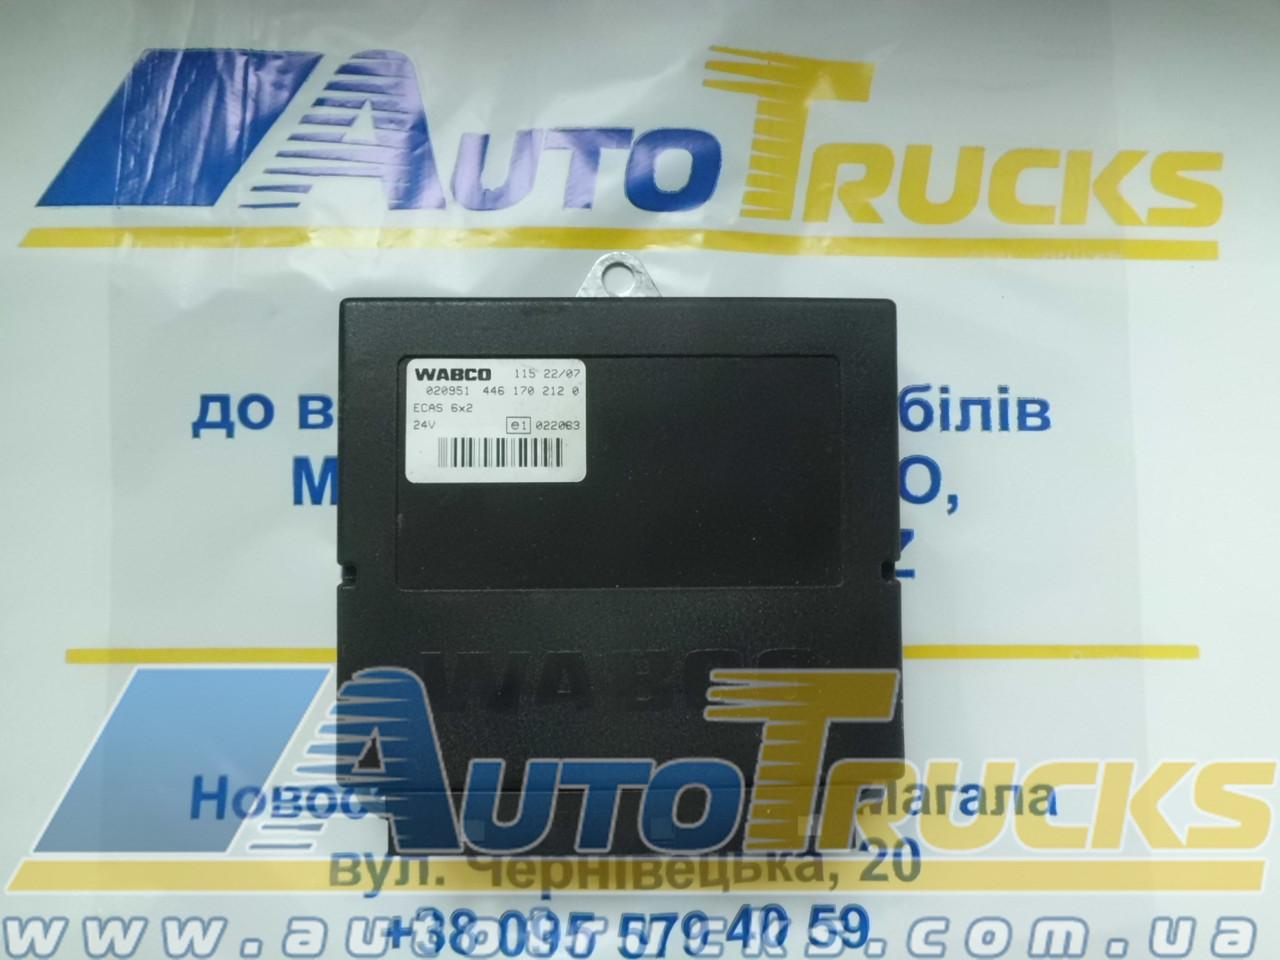 Блок управления WABCO 11522/07 ECAS 6*2 24V Б/у для IVECO (4461702120)